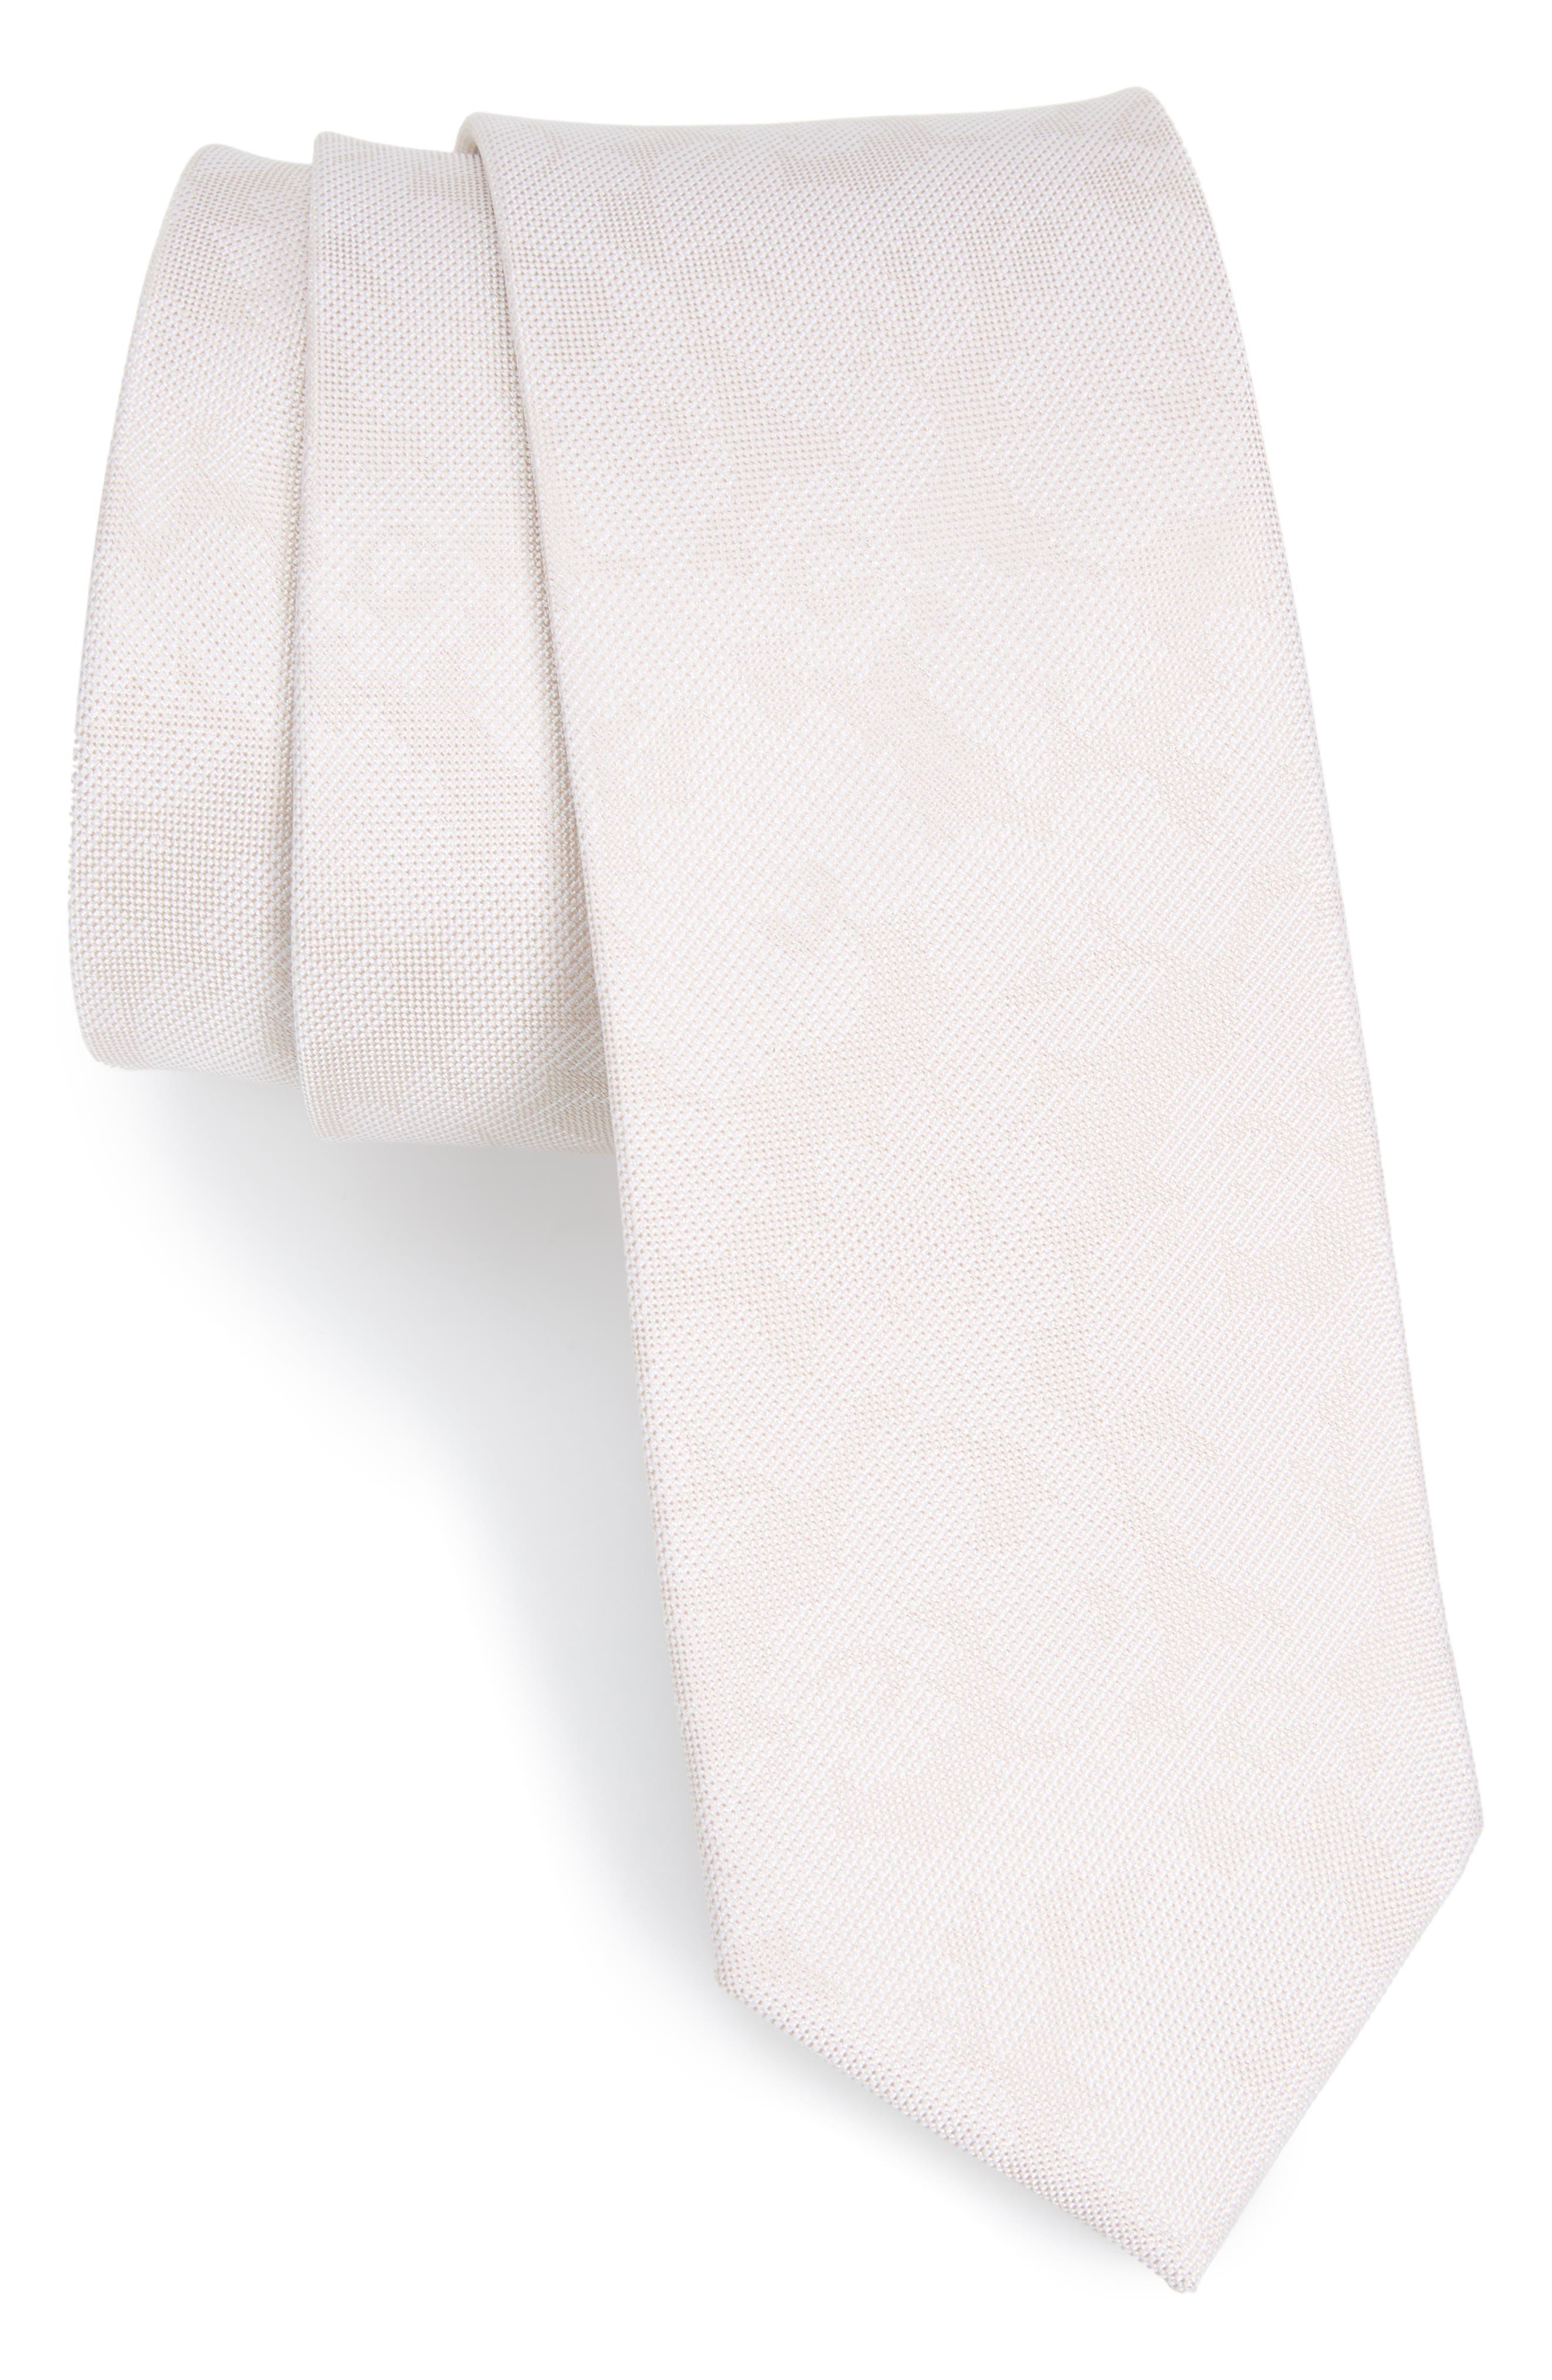 Floral Silk Tie,                         Main,                         color, 270